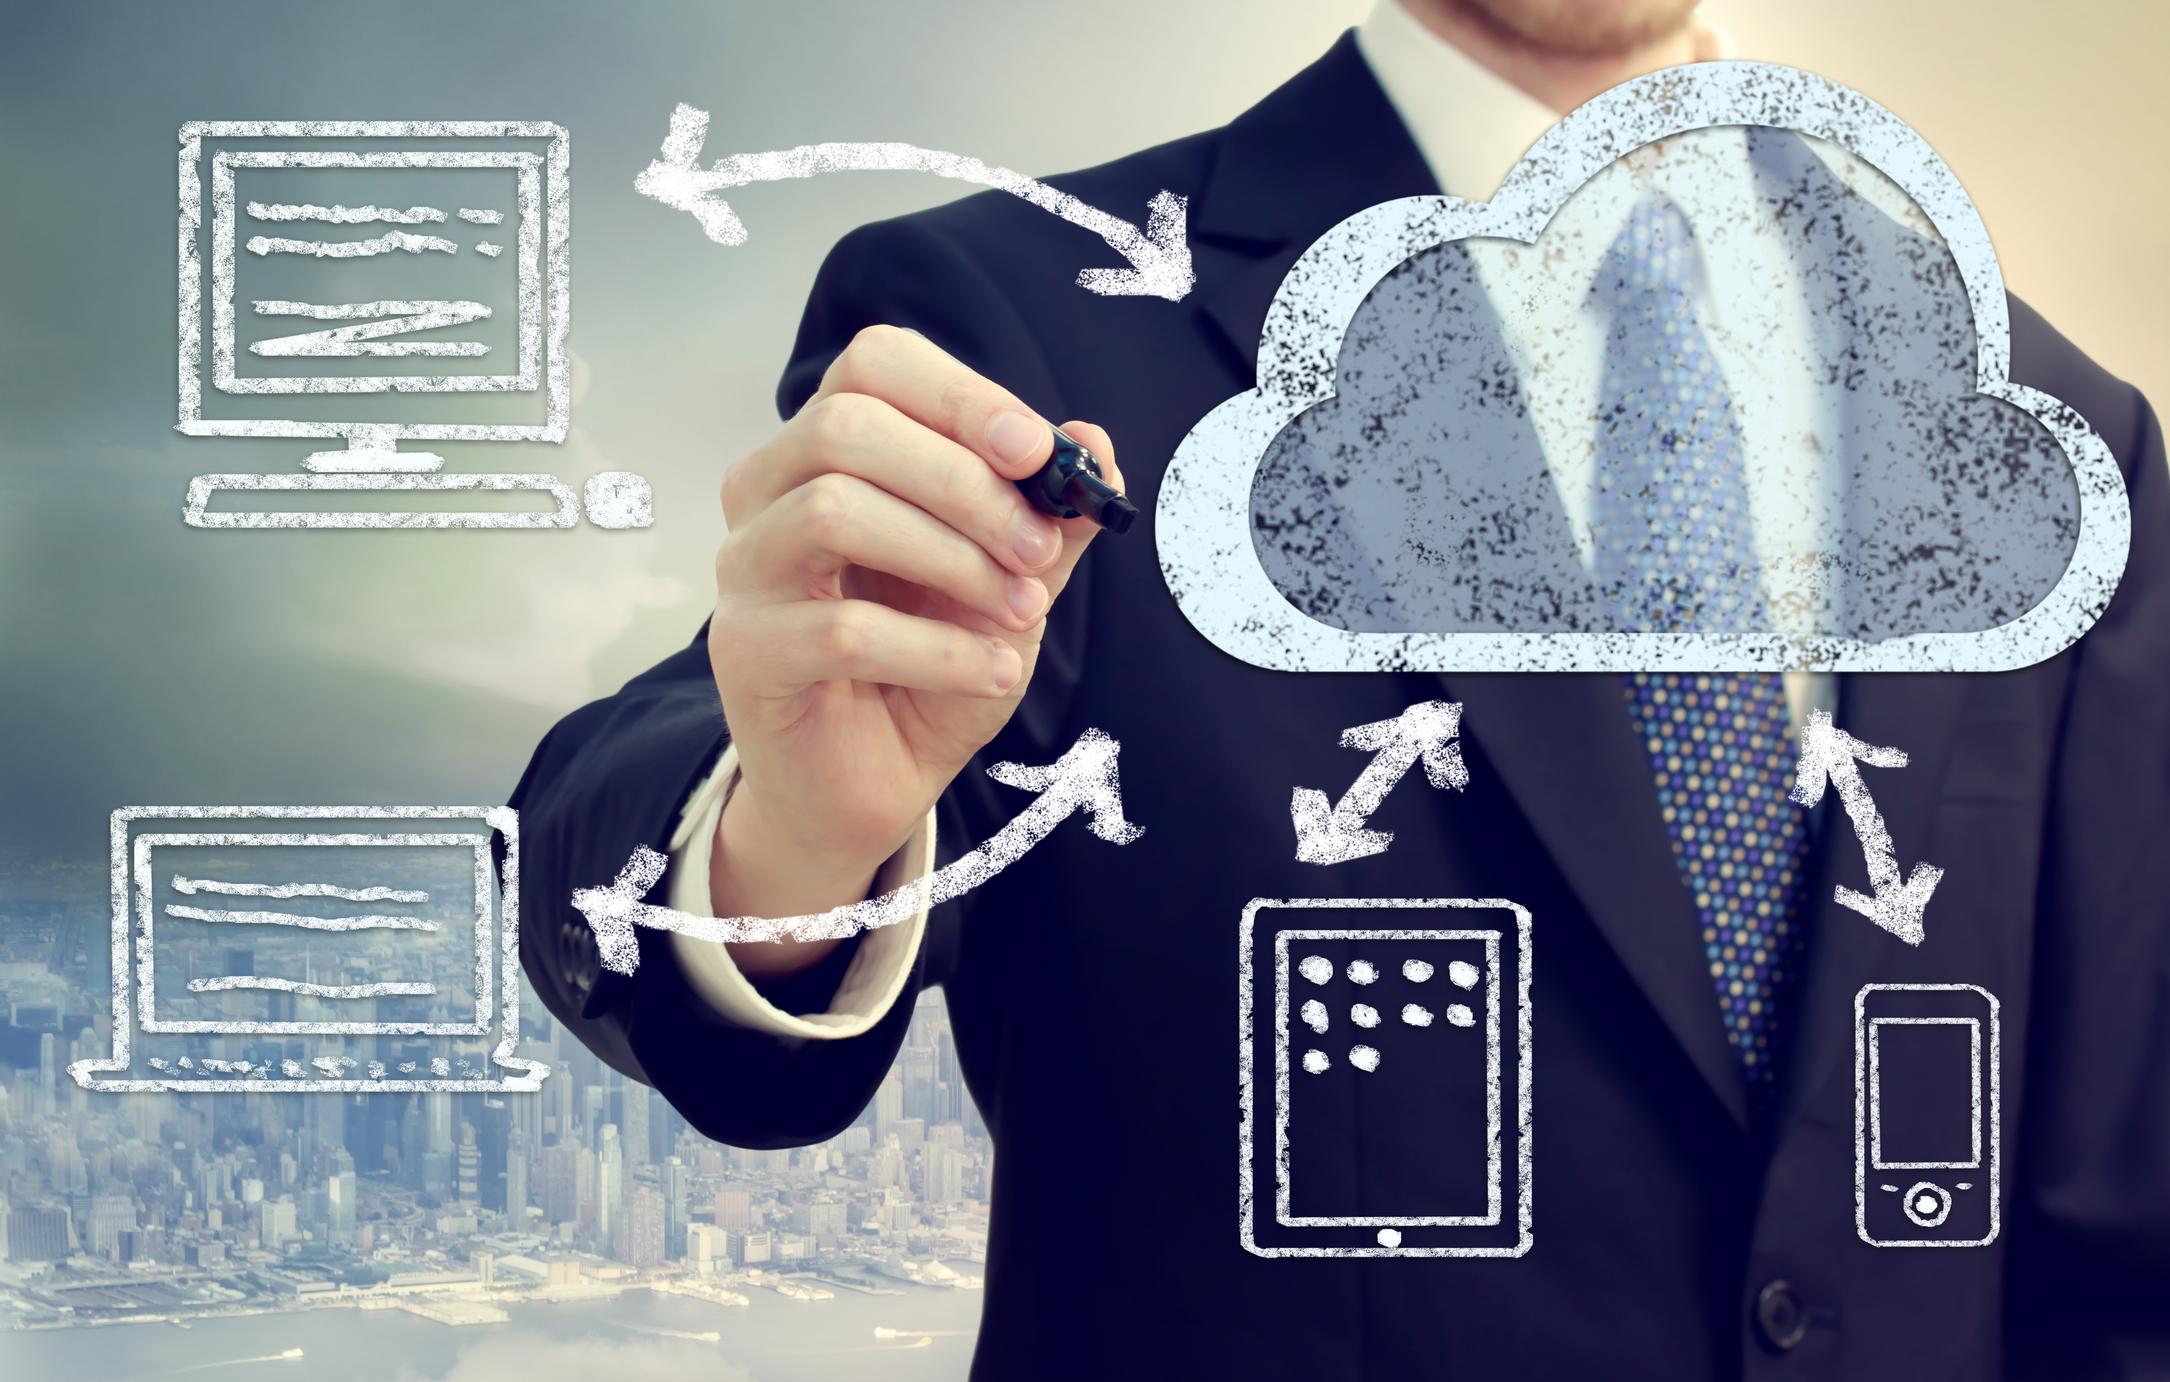 Thông báo: nâng cấp thông số các gói Cloud Hosting Miễn Phí từ ngày 24/02/2017